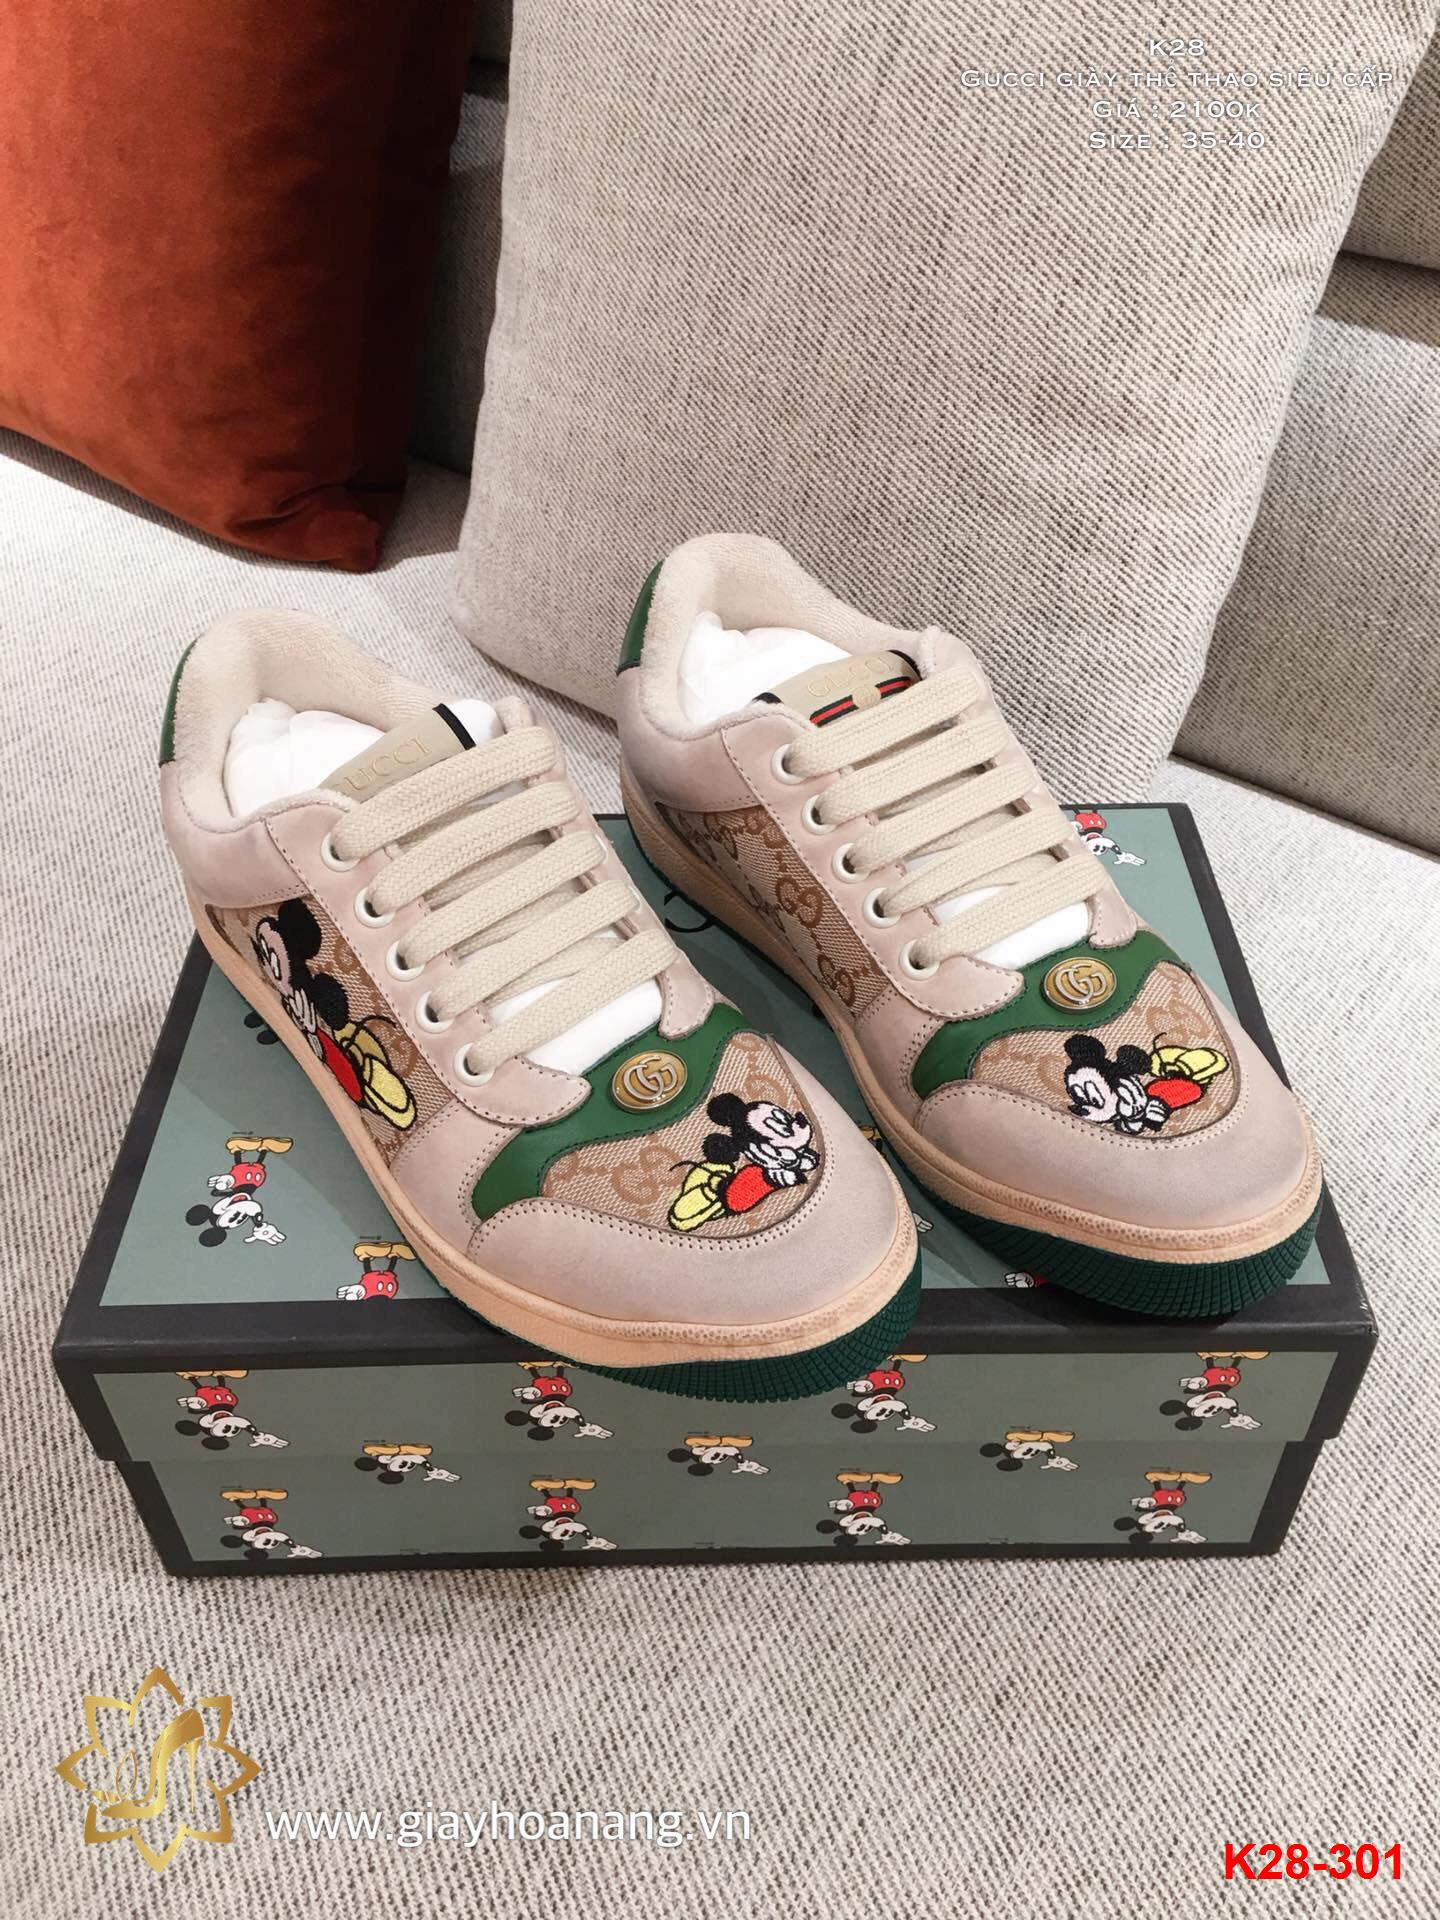 K28-301 Gucci giày thể thao siêu cấp